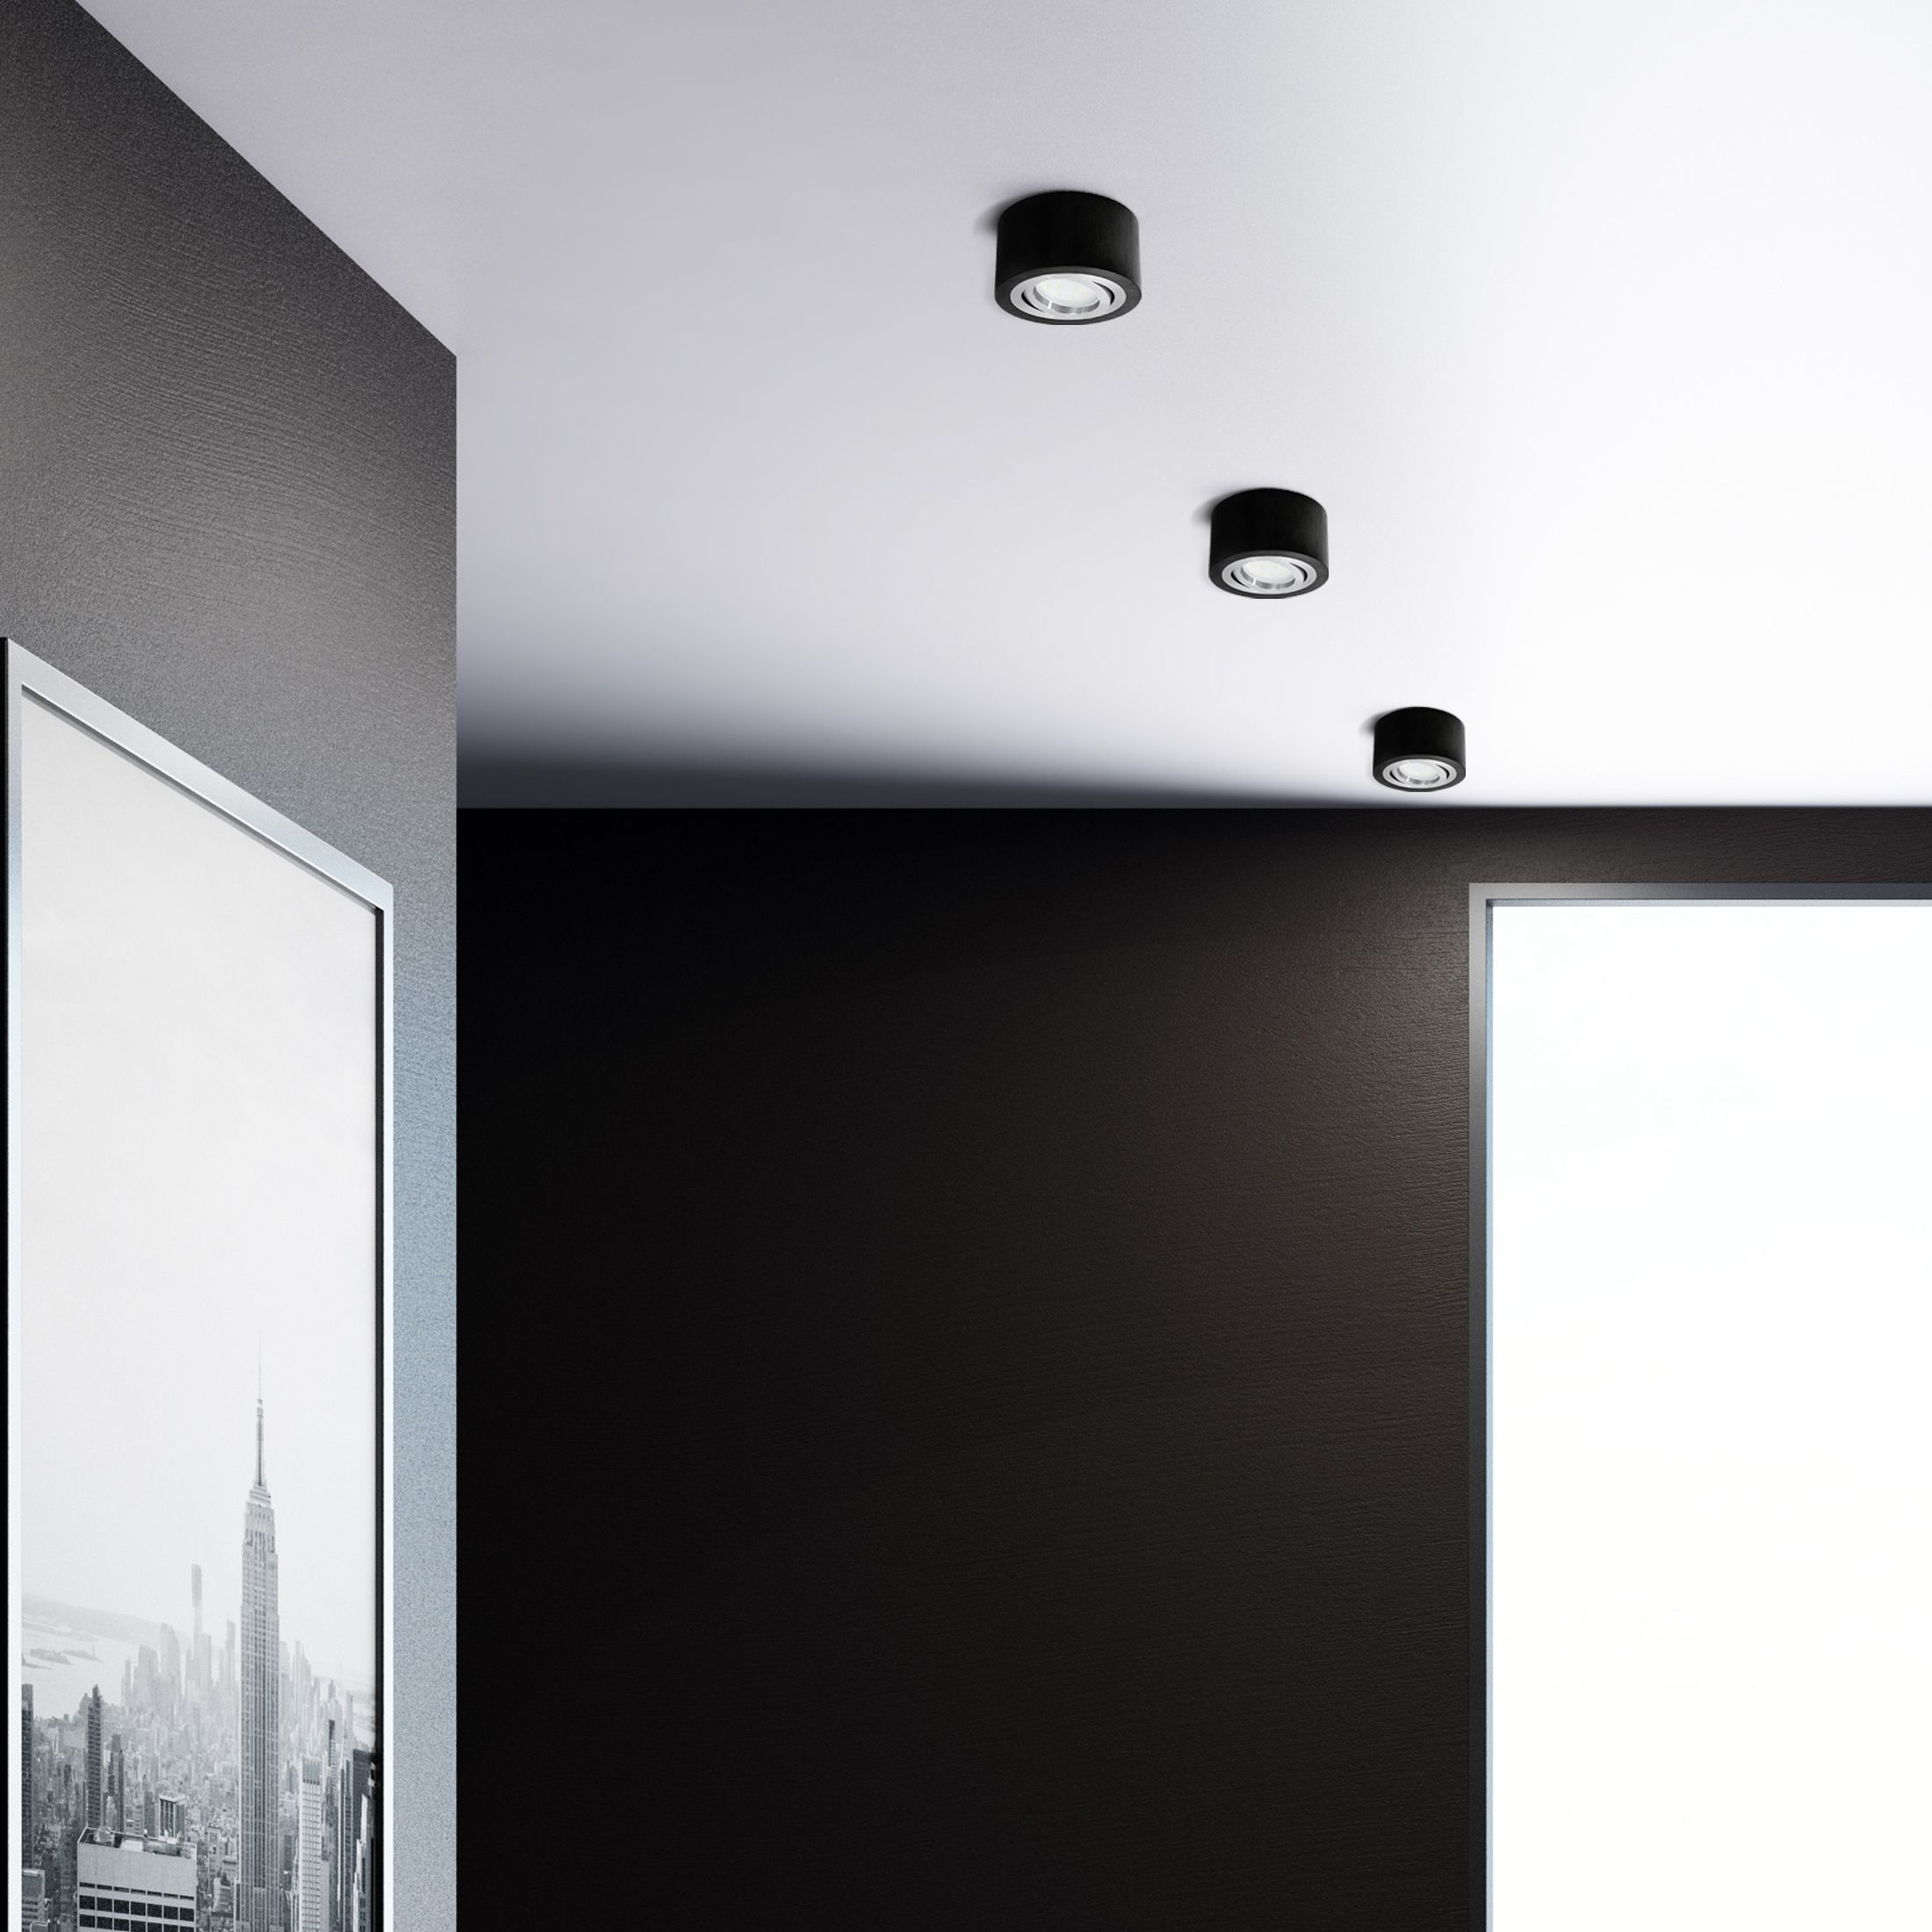 Flacher Decken Aufbau Spot Alu Schwarz Schwenkbar Inkl Led Modul 5w Warm Weiss 230v Beleuchtung Decke Led Aufbauspots